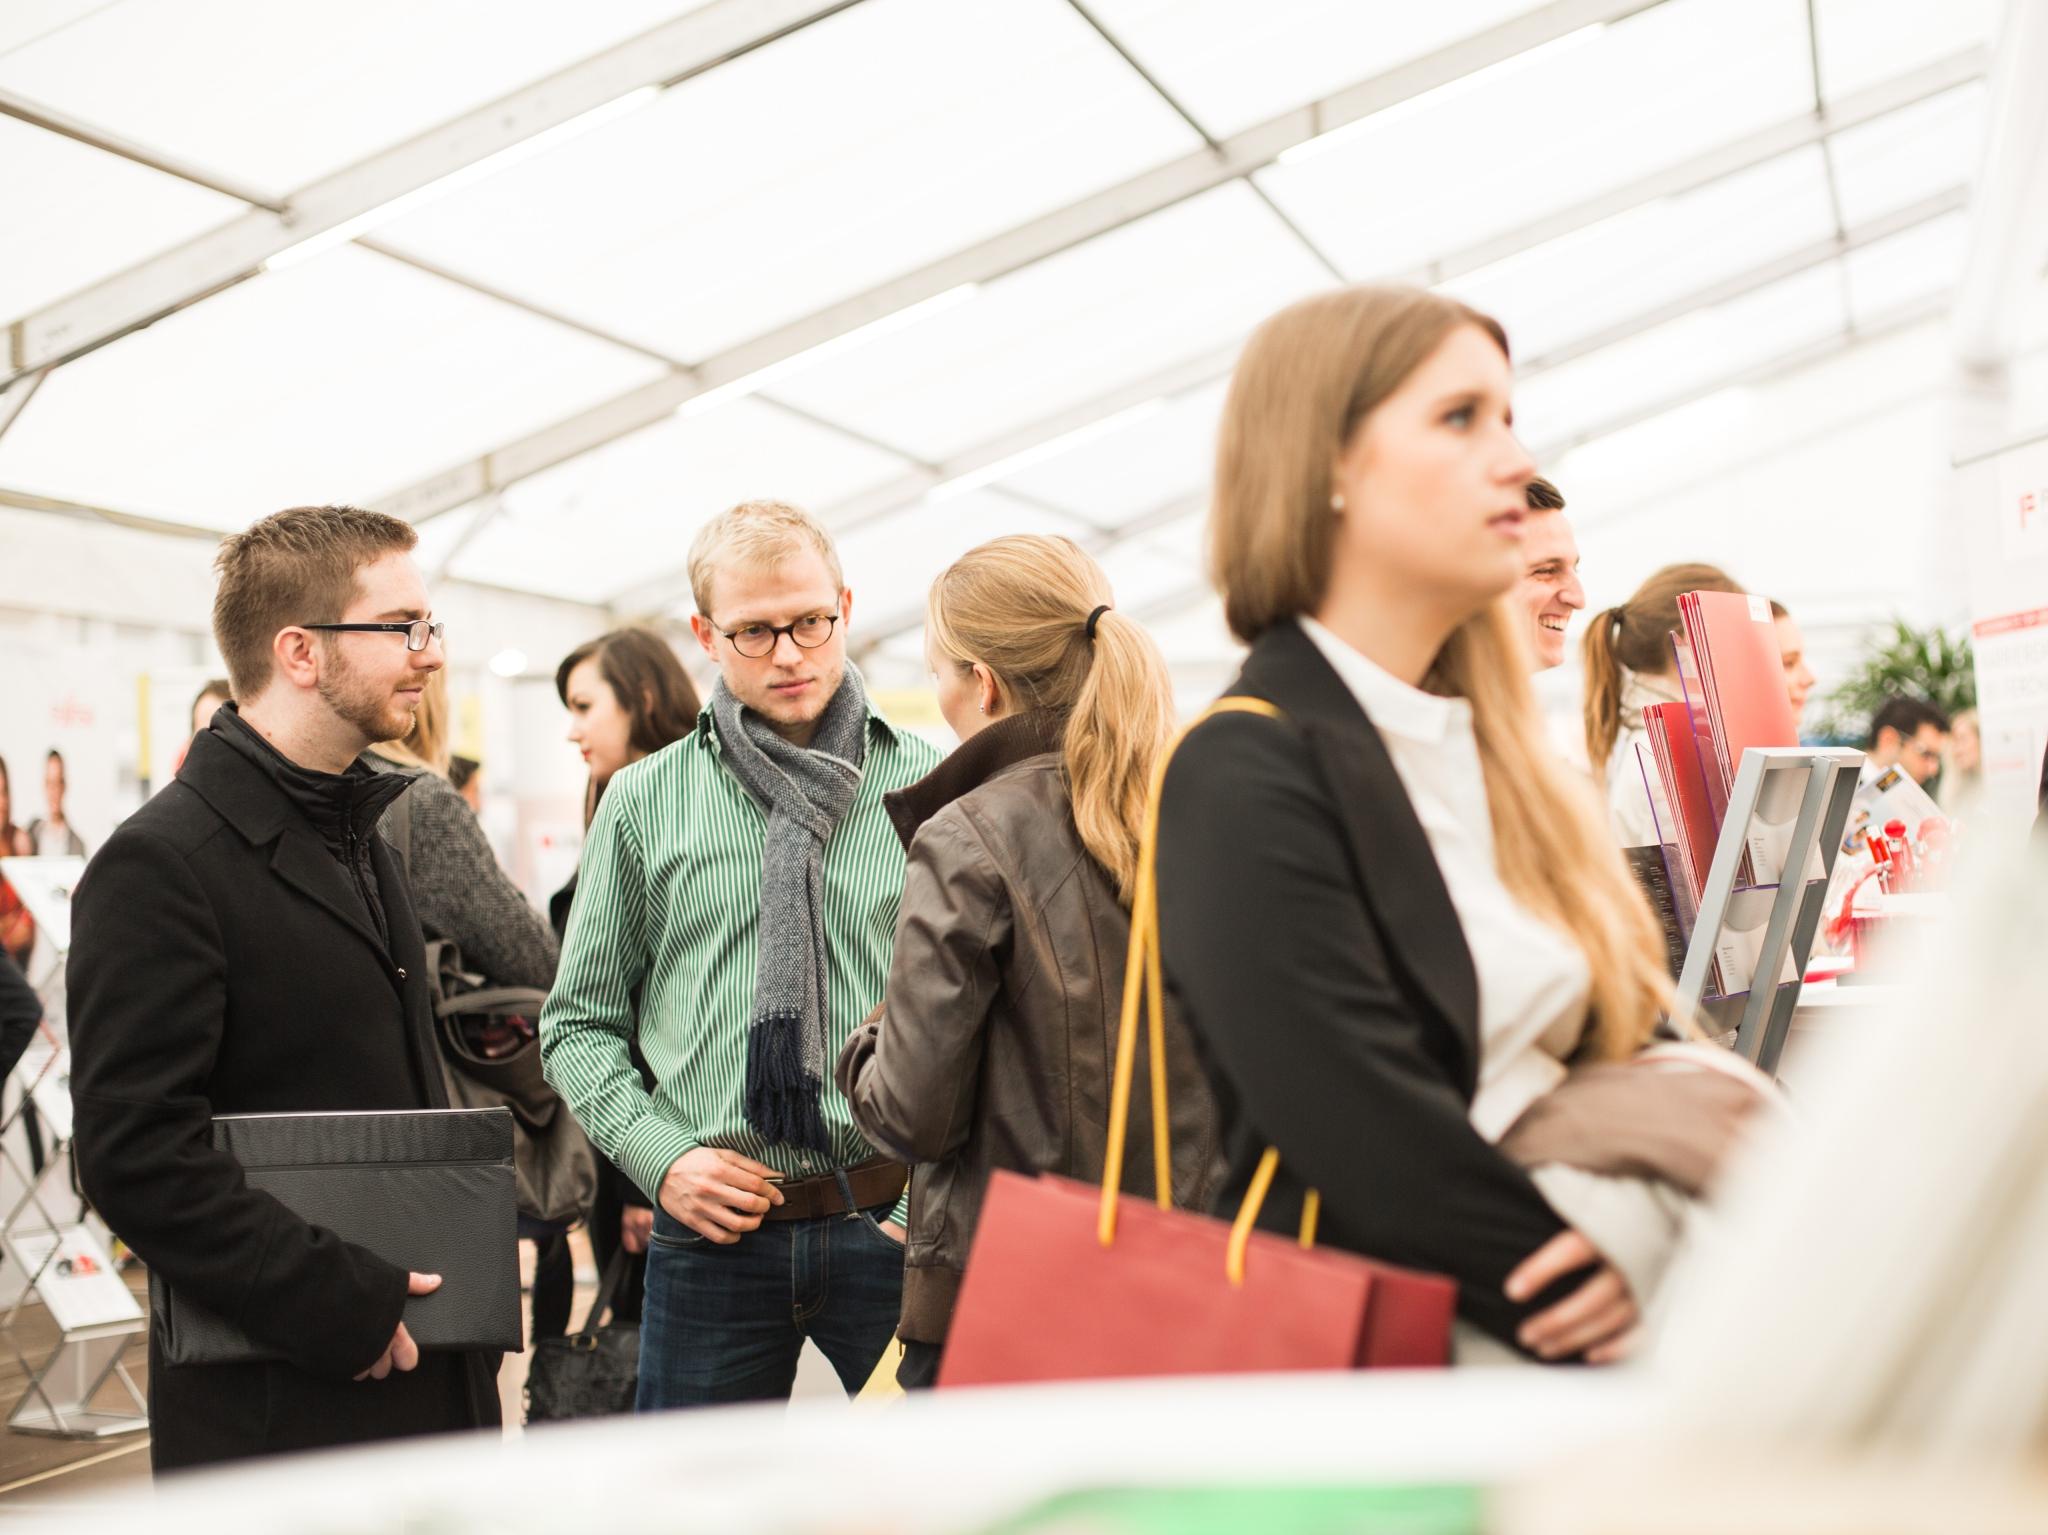 Auf der Jobmesse study&stay bauen Unternehmen ihre Stände auf und freuen sich über zahlreiche Interessenten. Foto: Universität Würzburg GmbH